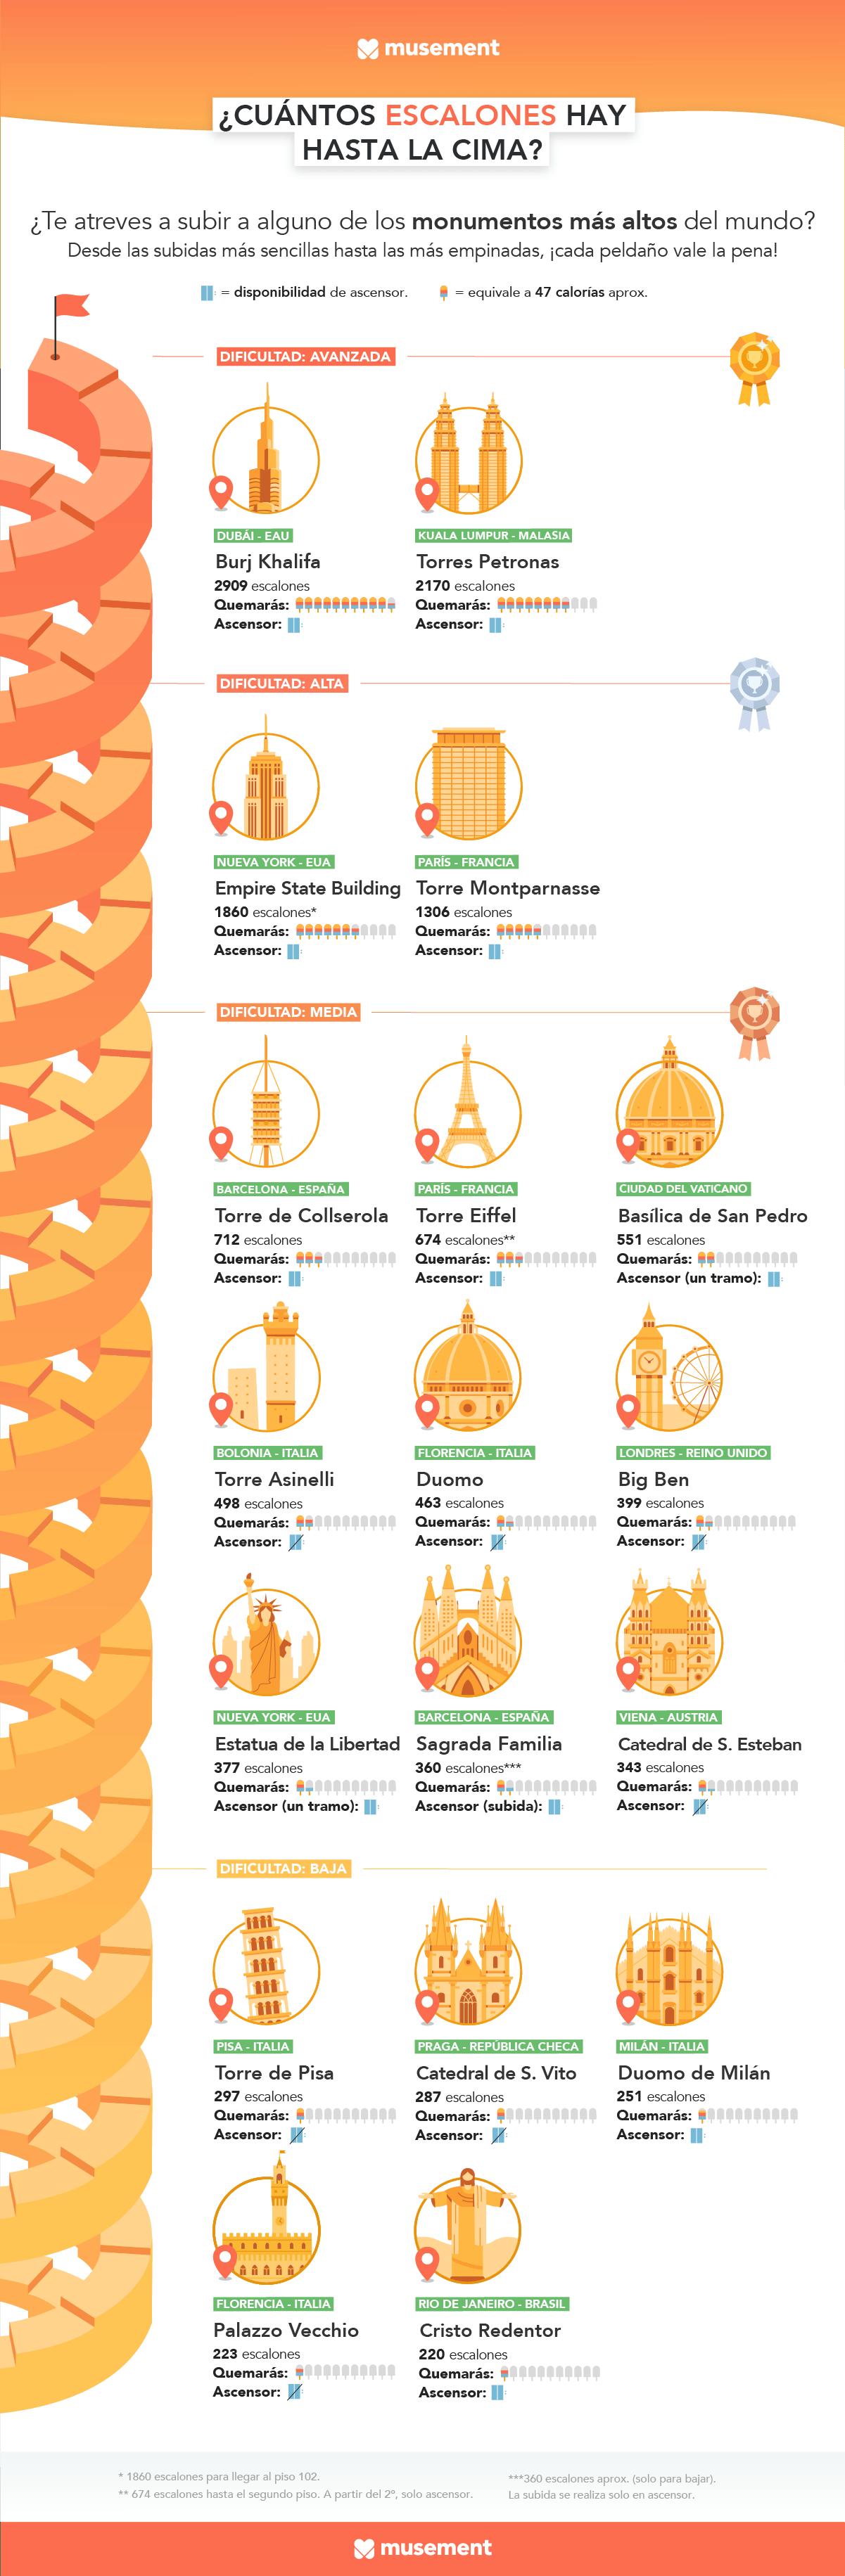 Infografia Musement escaleras monumentos